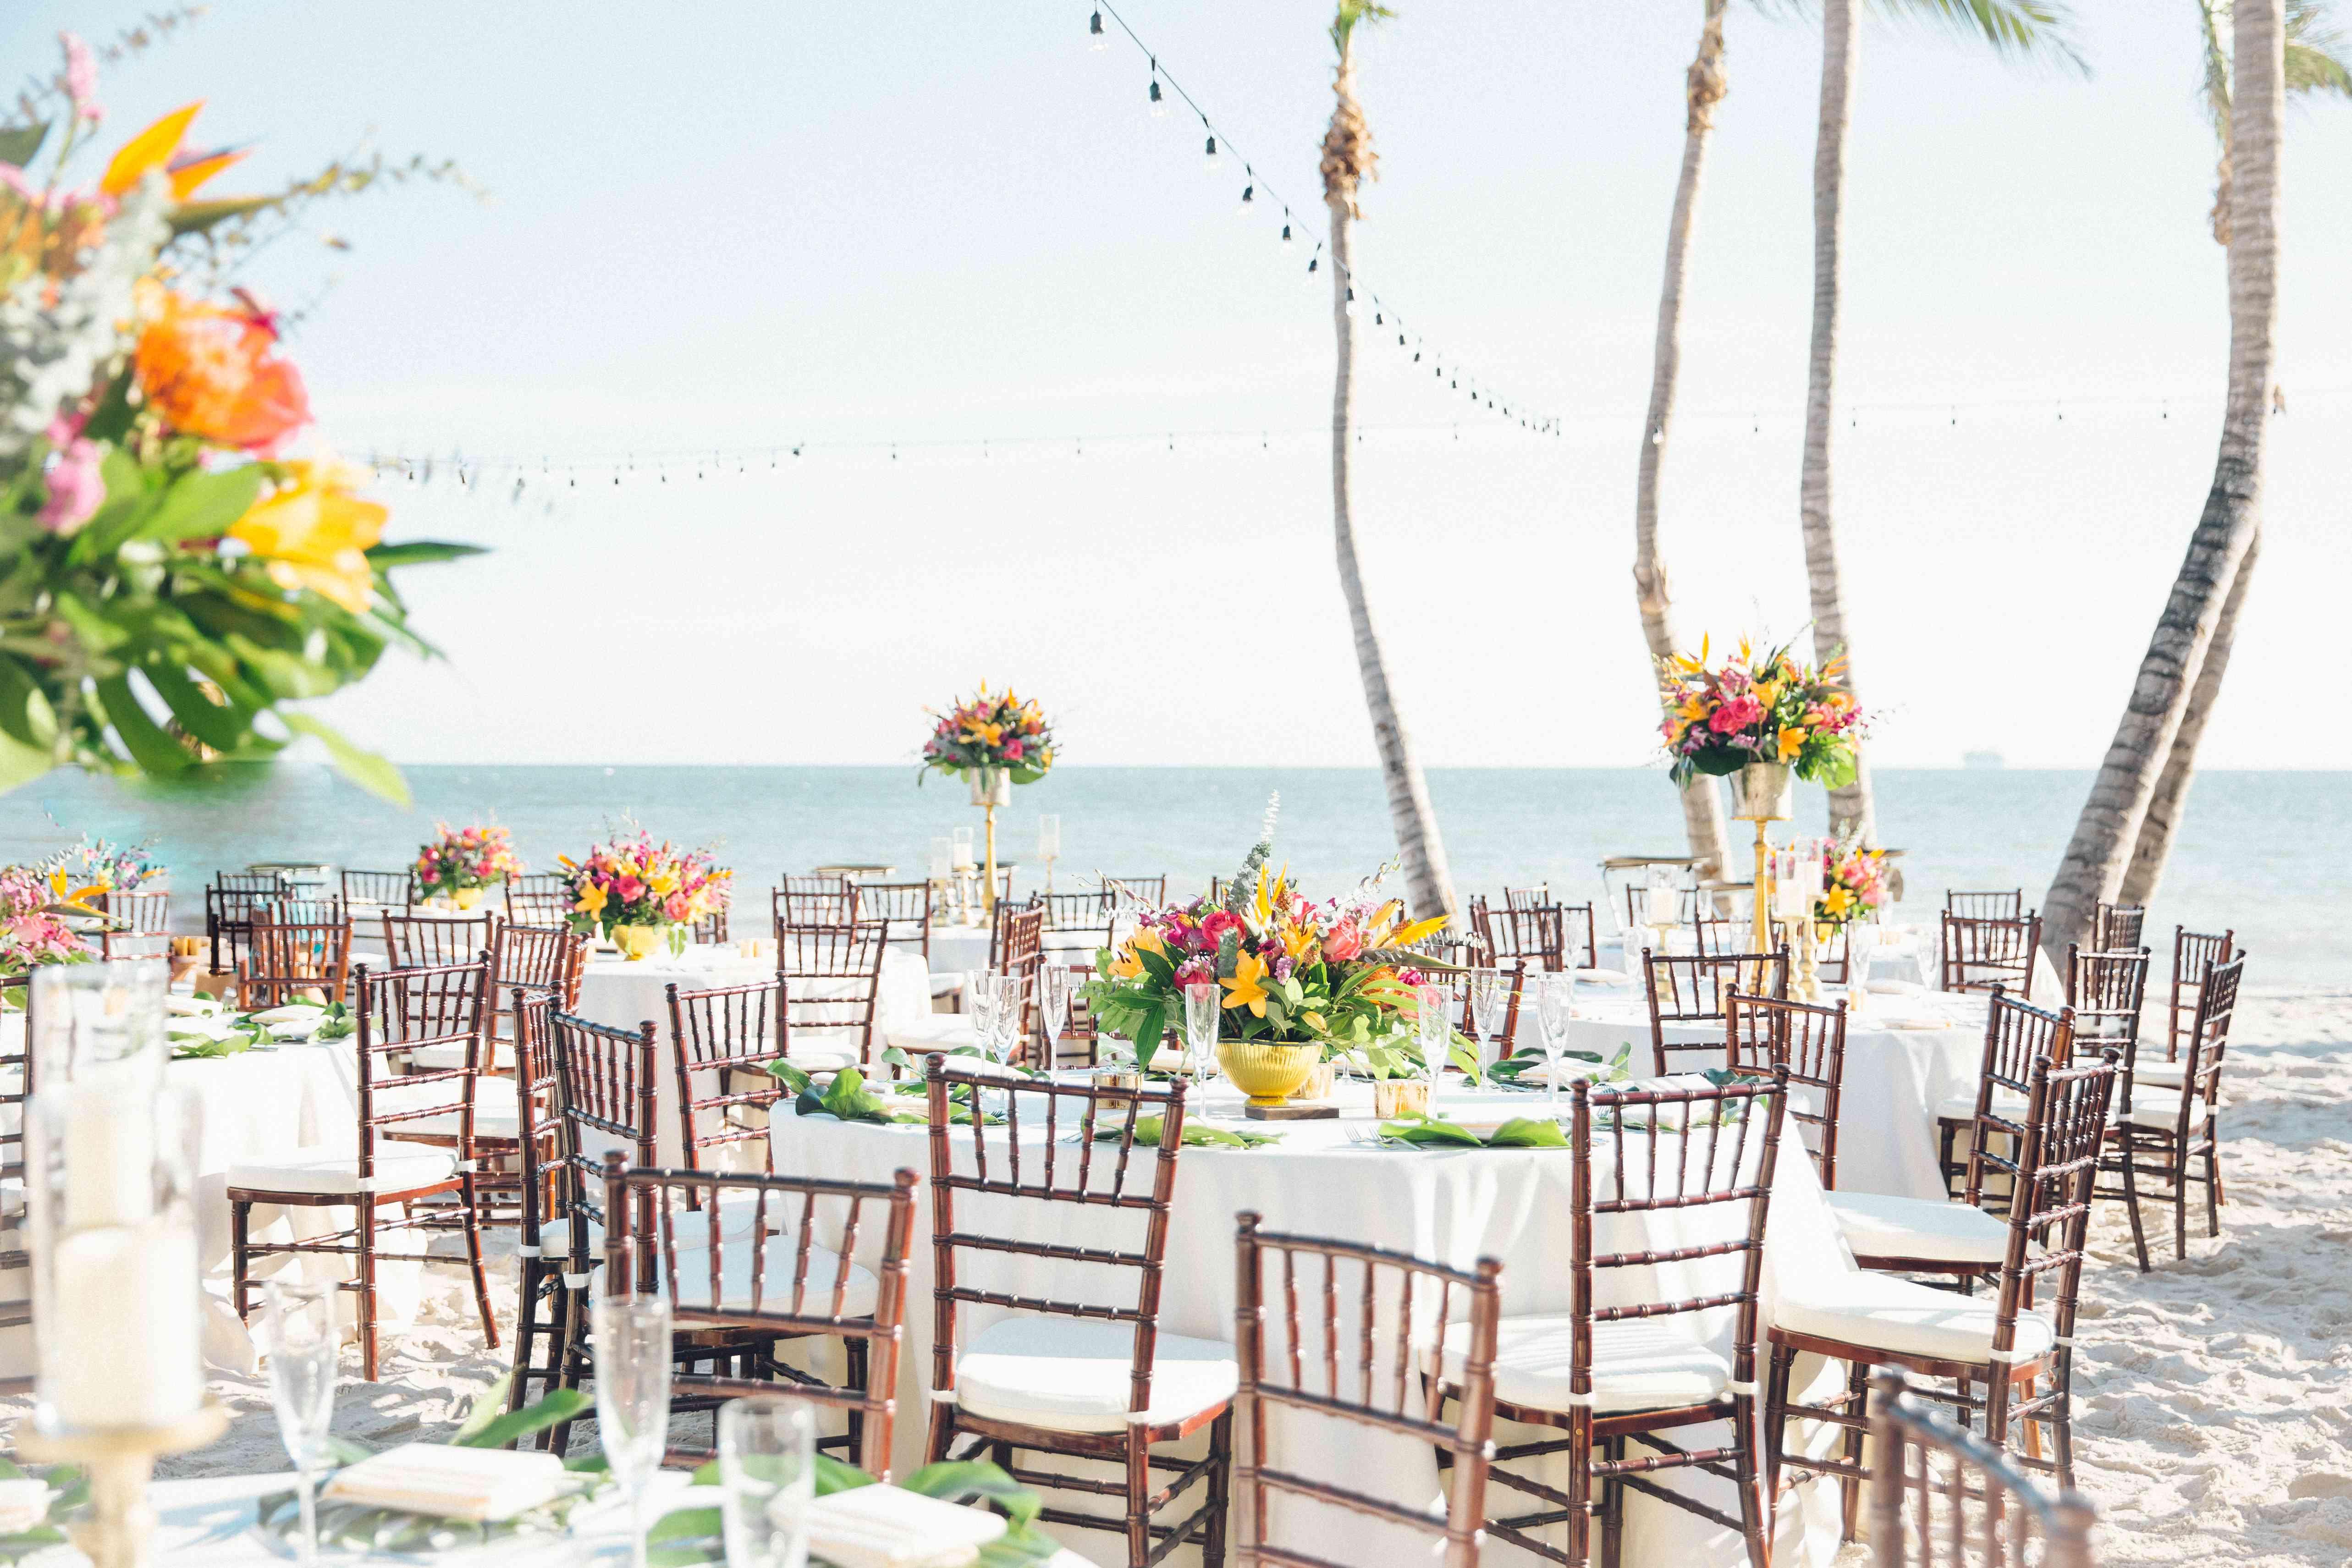 Wedding reception dinner tables